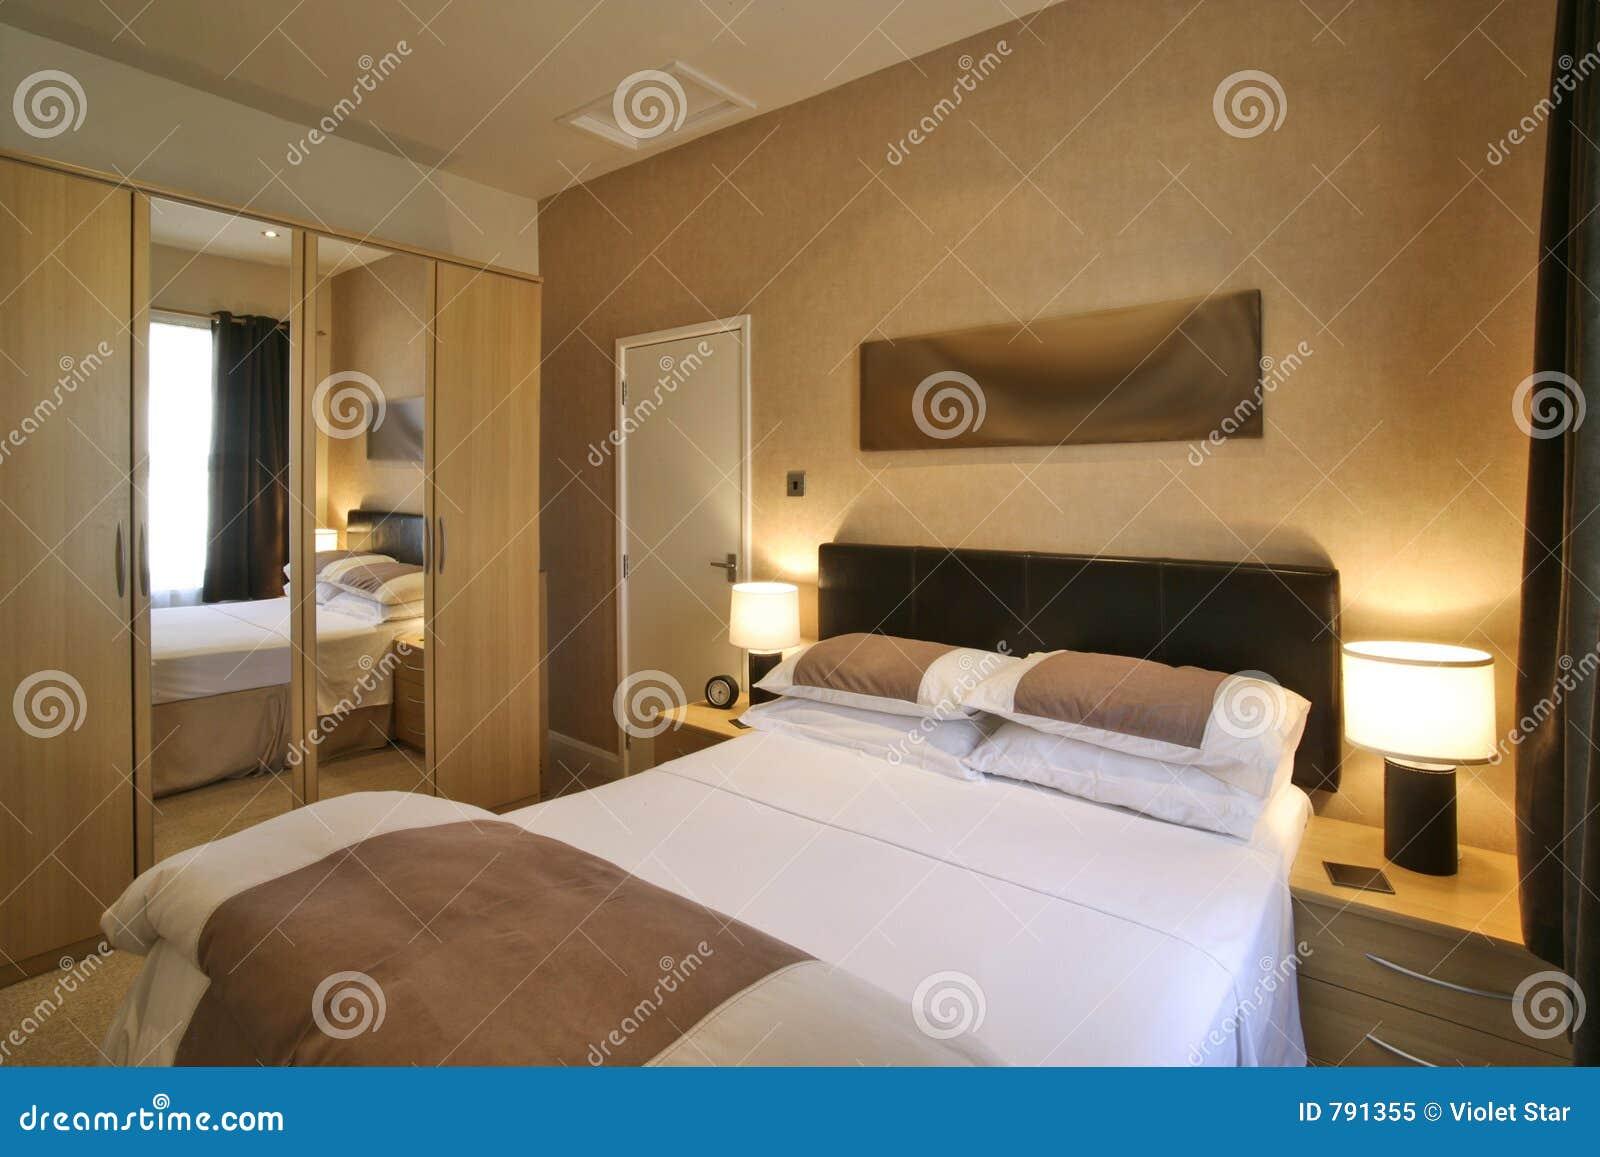 Chambre coucher de luxe photo libre de droits image for Chambre de coucher